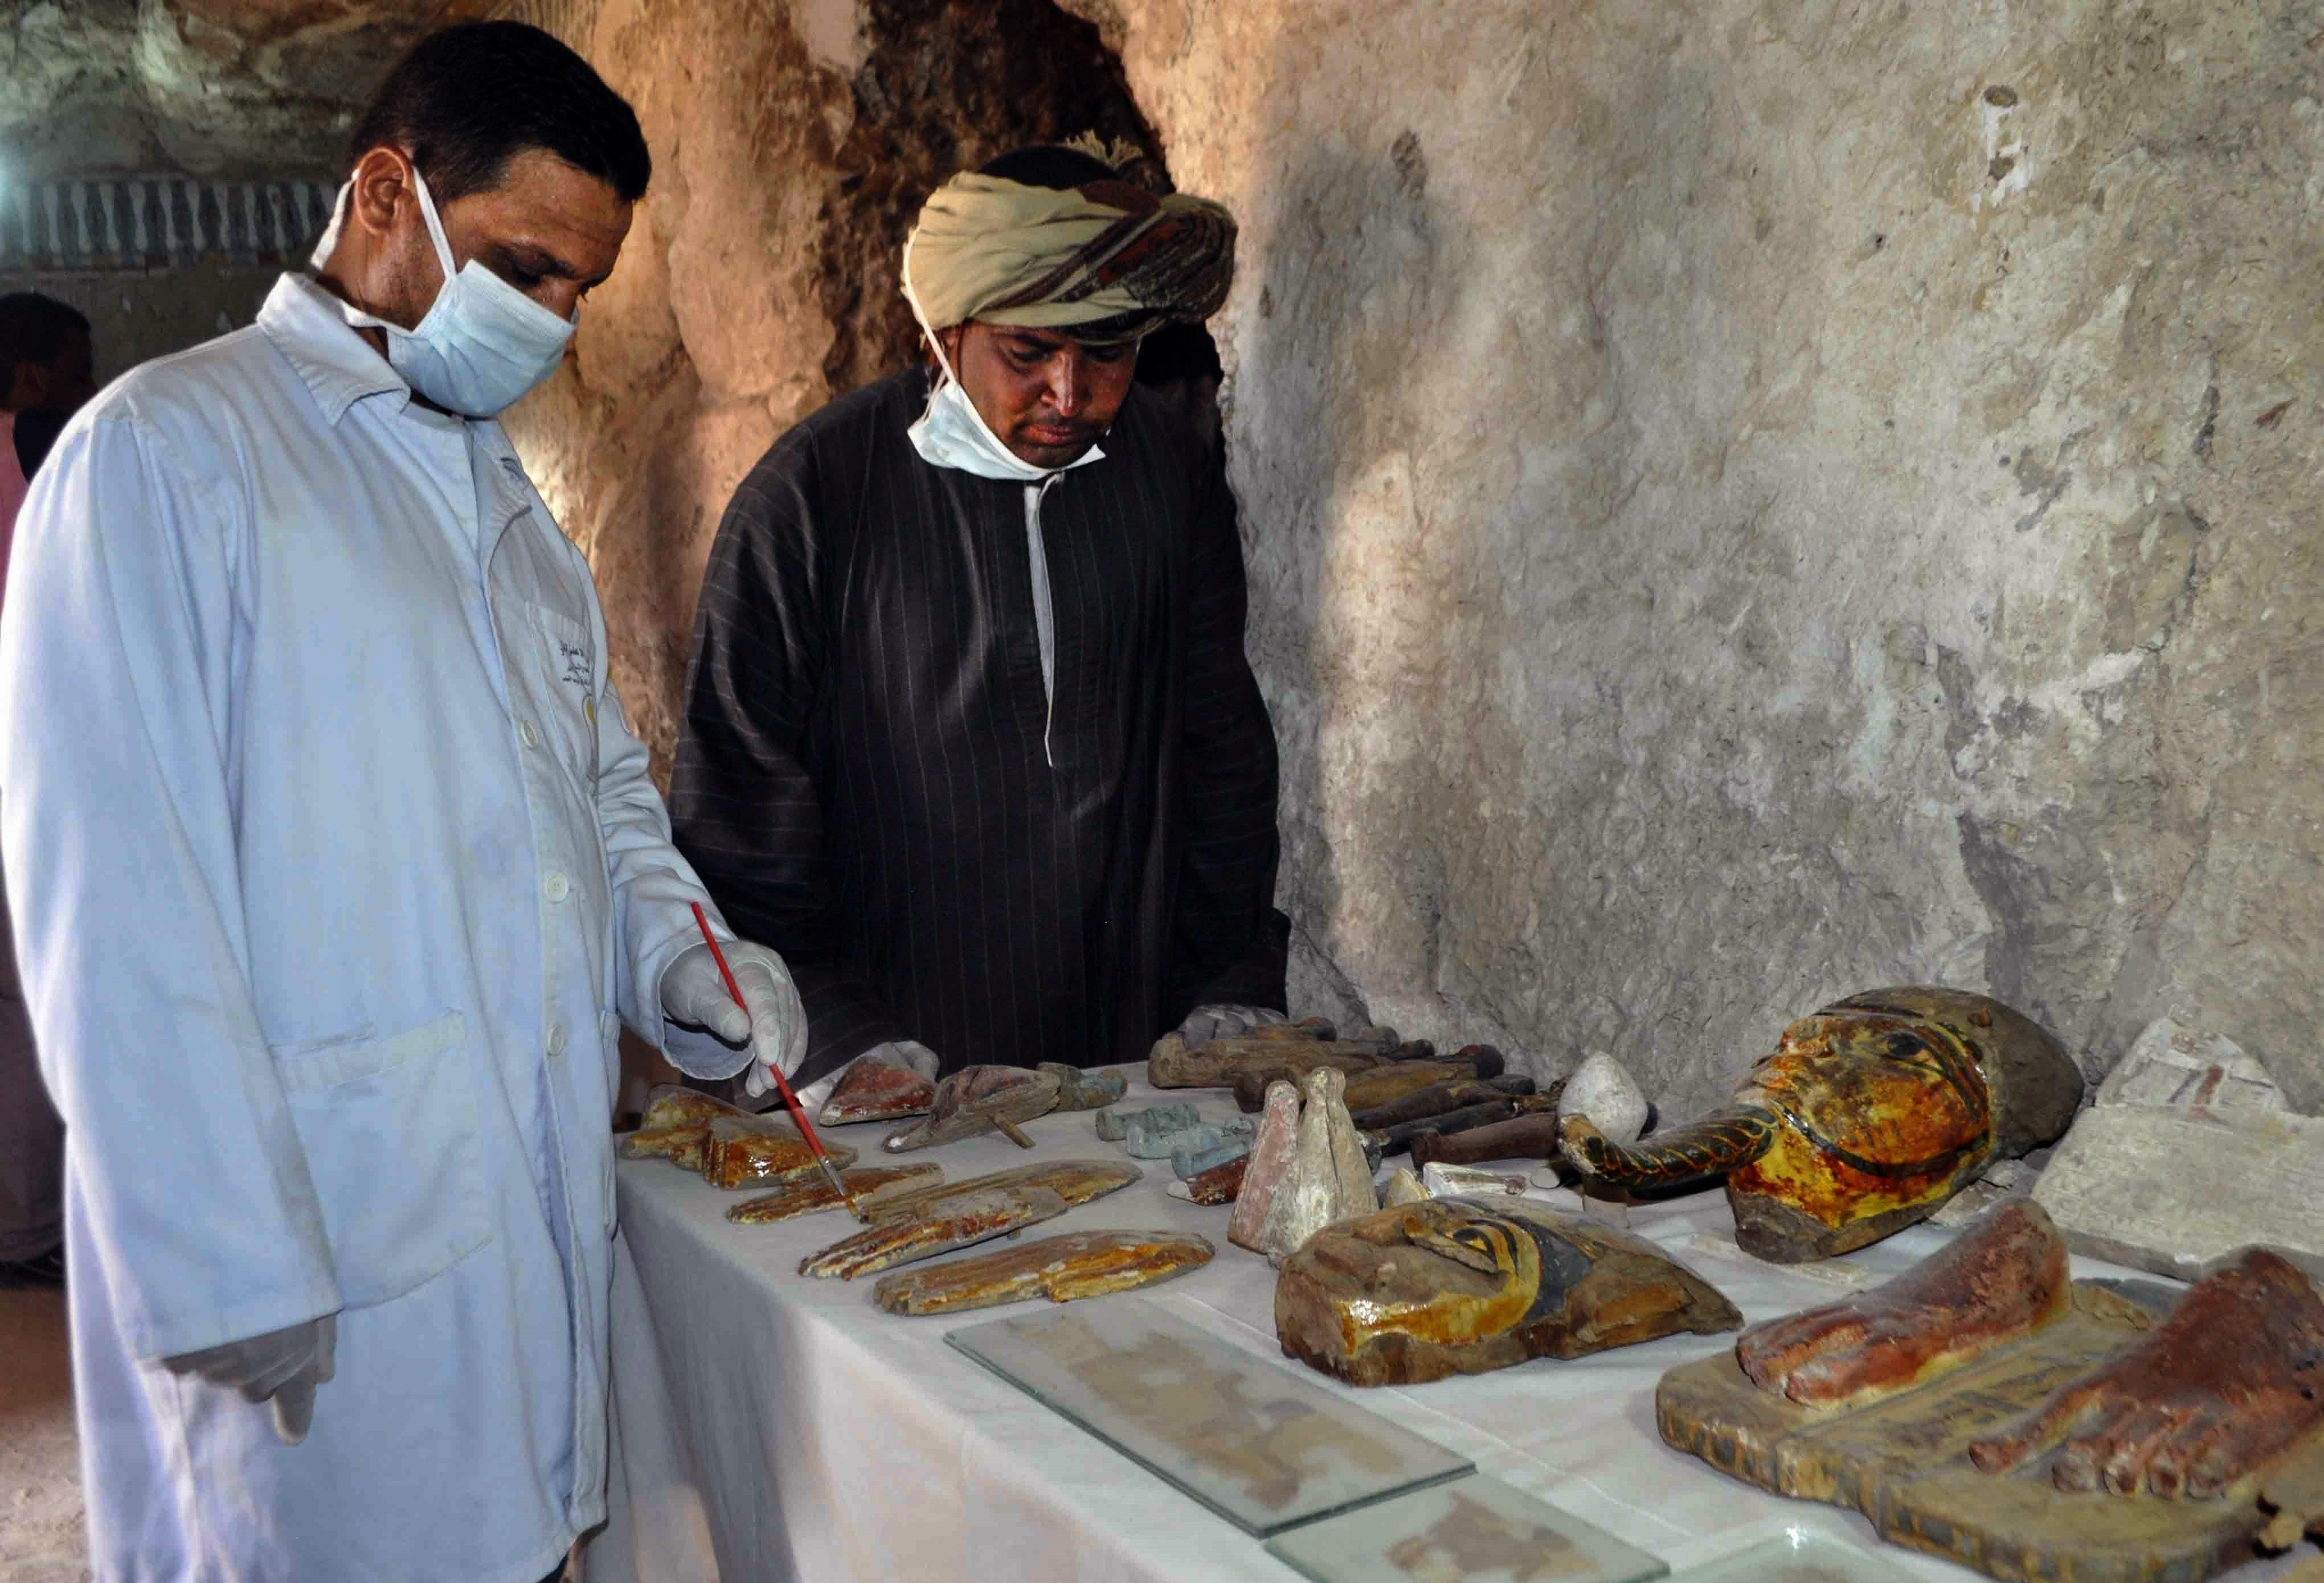 Des artefacts uniques retrouvés dans un tombeau égyptien à Louxor, Image d'illustration